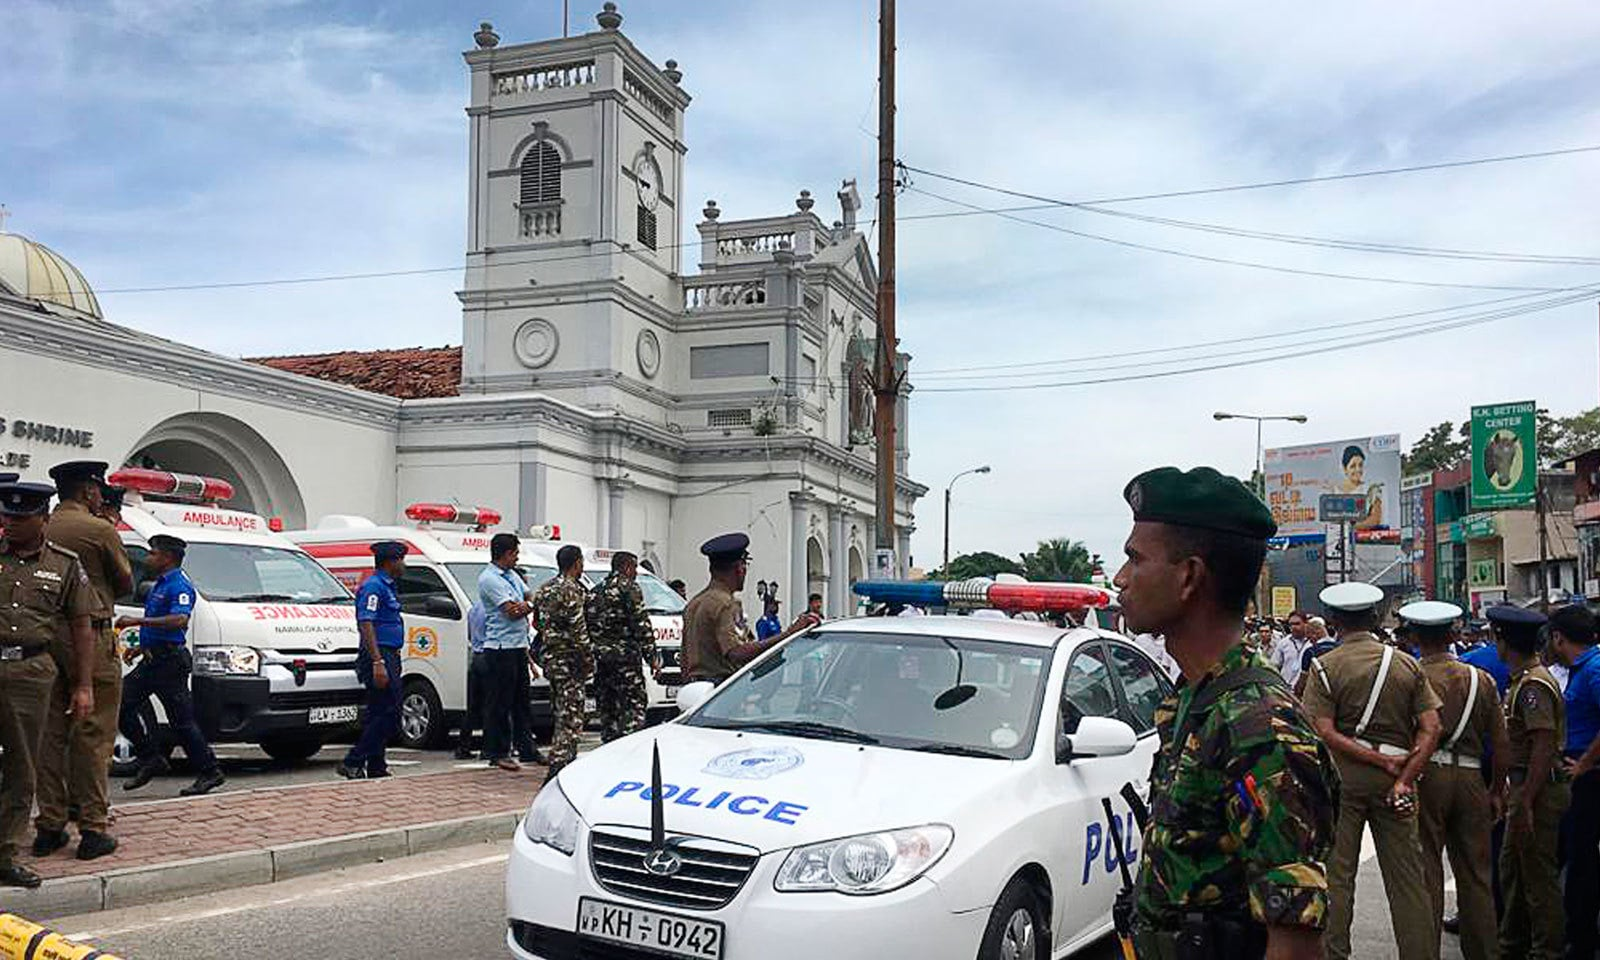 دھماکوں کے بعد سری لنکا میں سخت سیکیورٹی نافذ ہے — فوٹو: اے پی